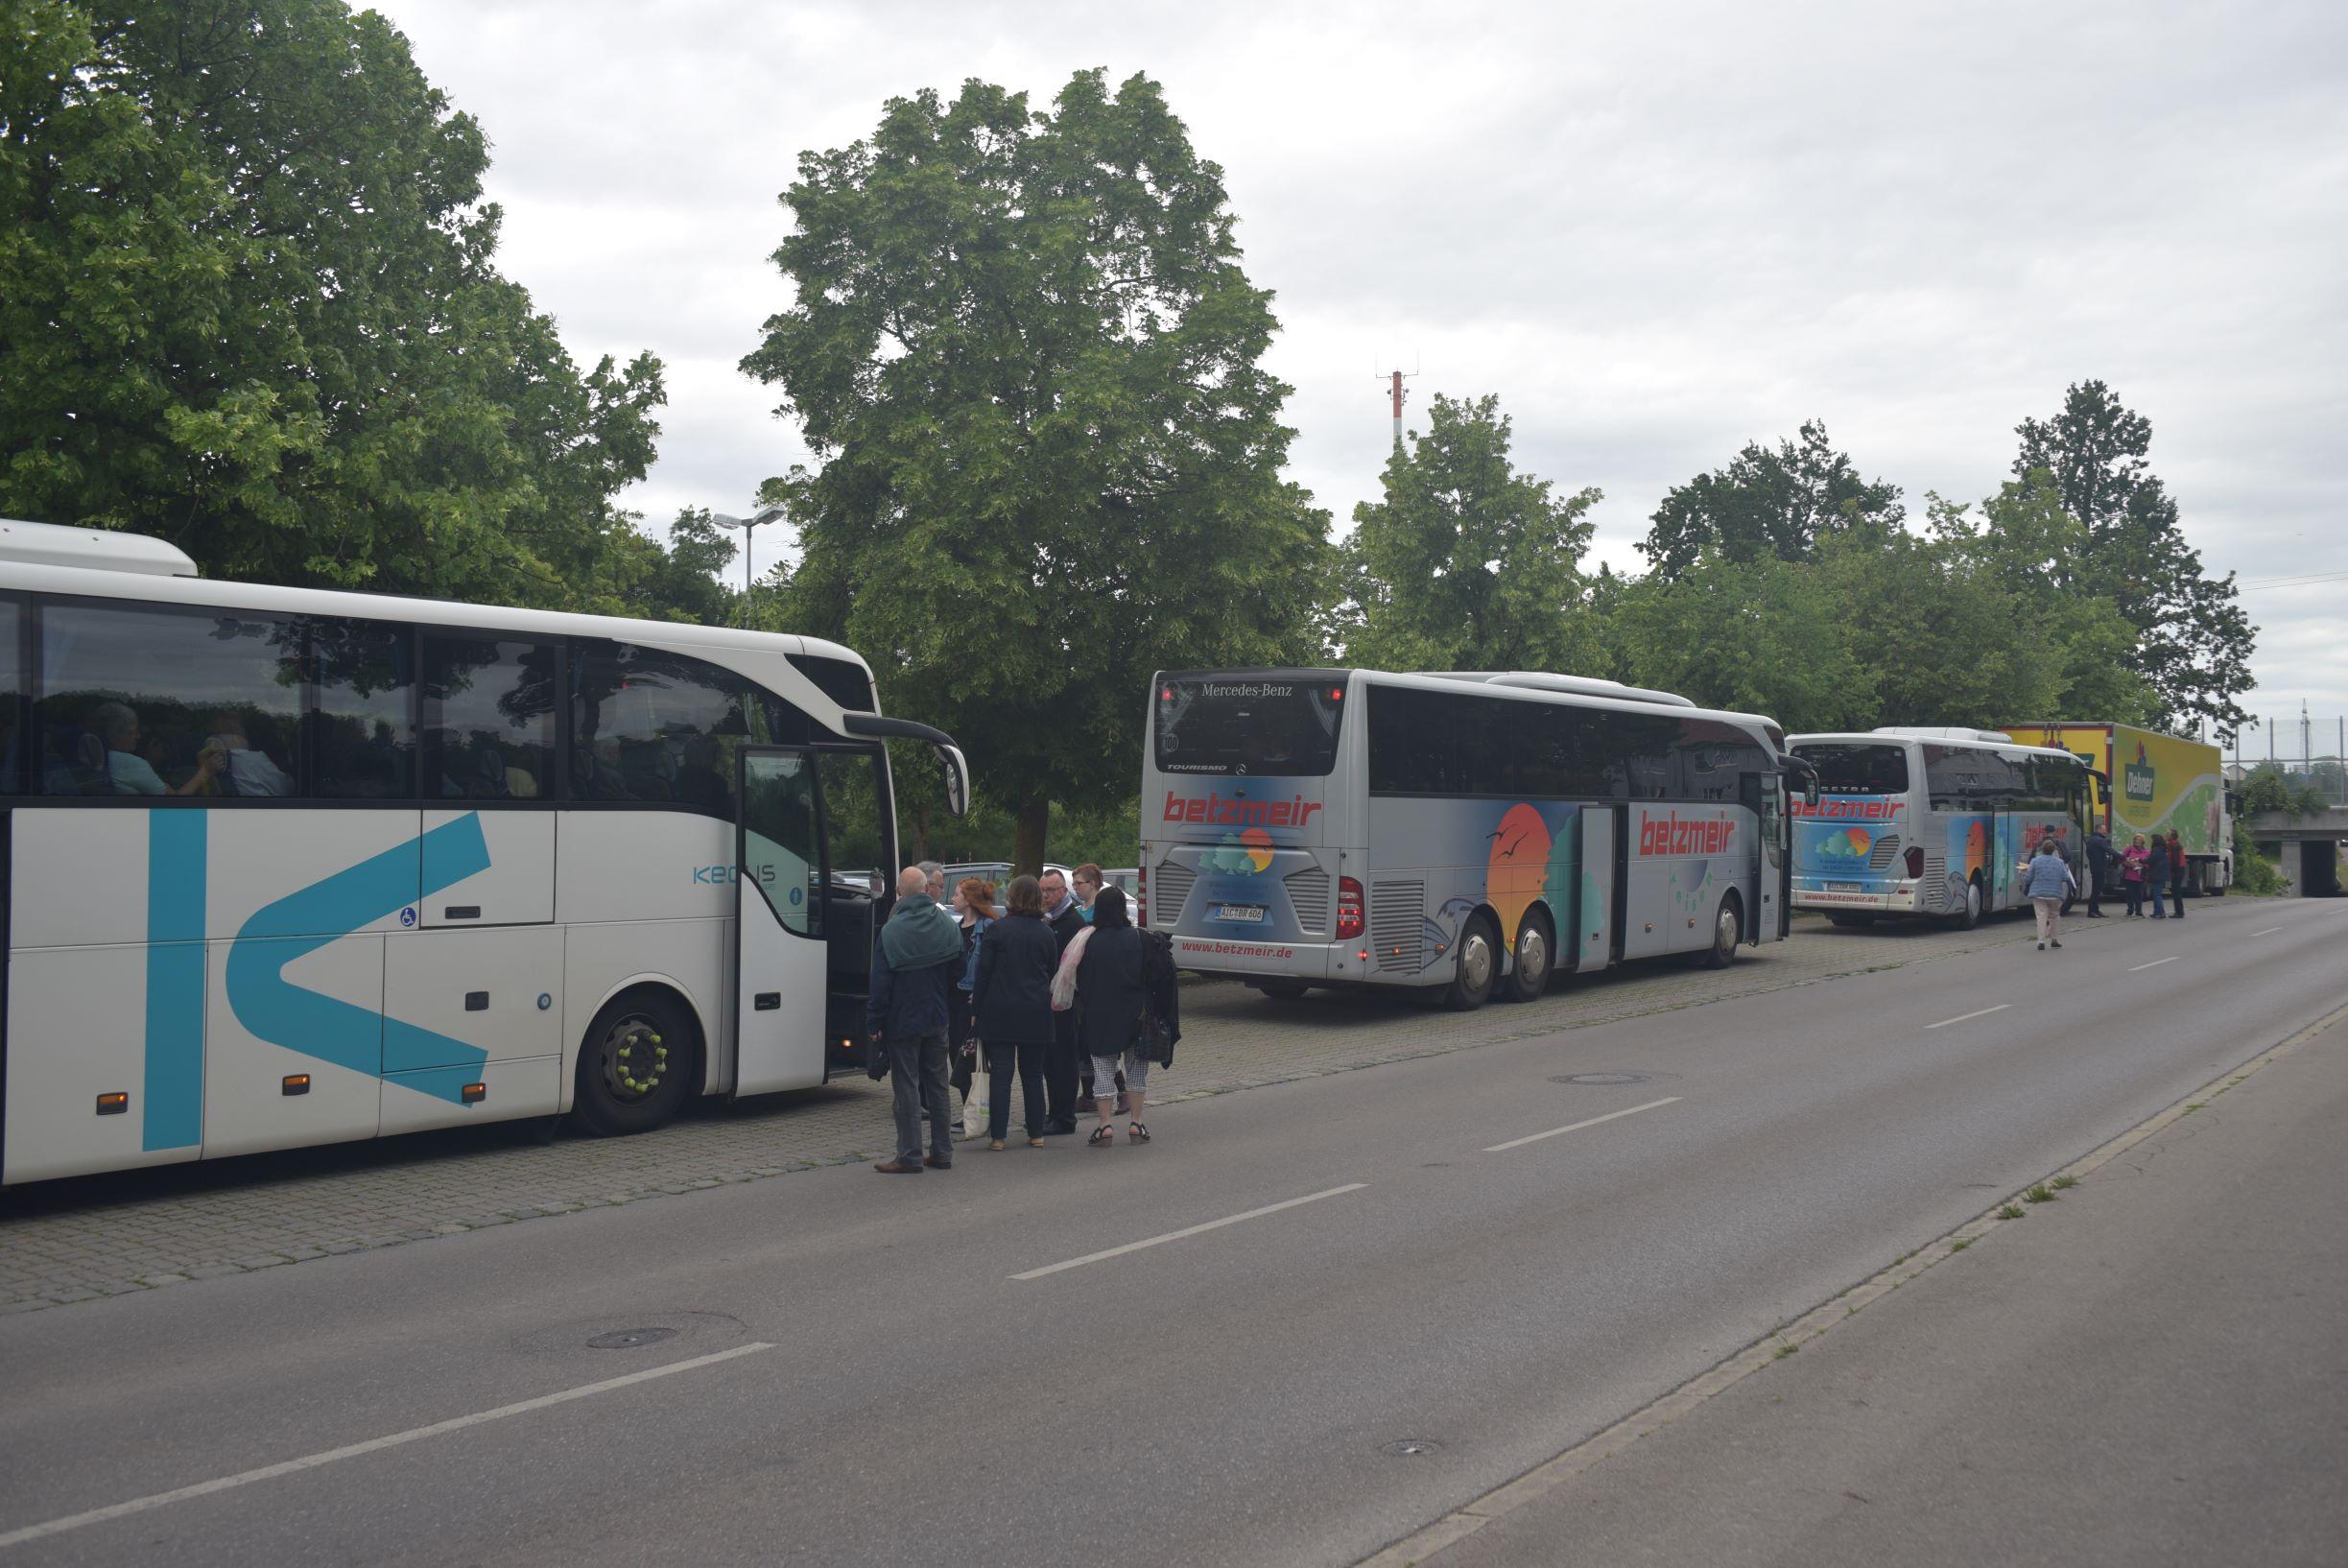 Am Samstag fuhren Gäste und Gastgeber zusammen nach Landsberg am Lech